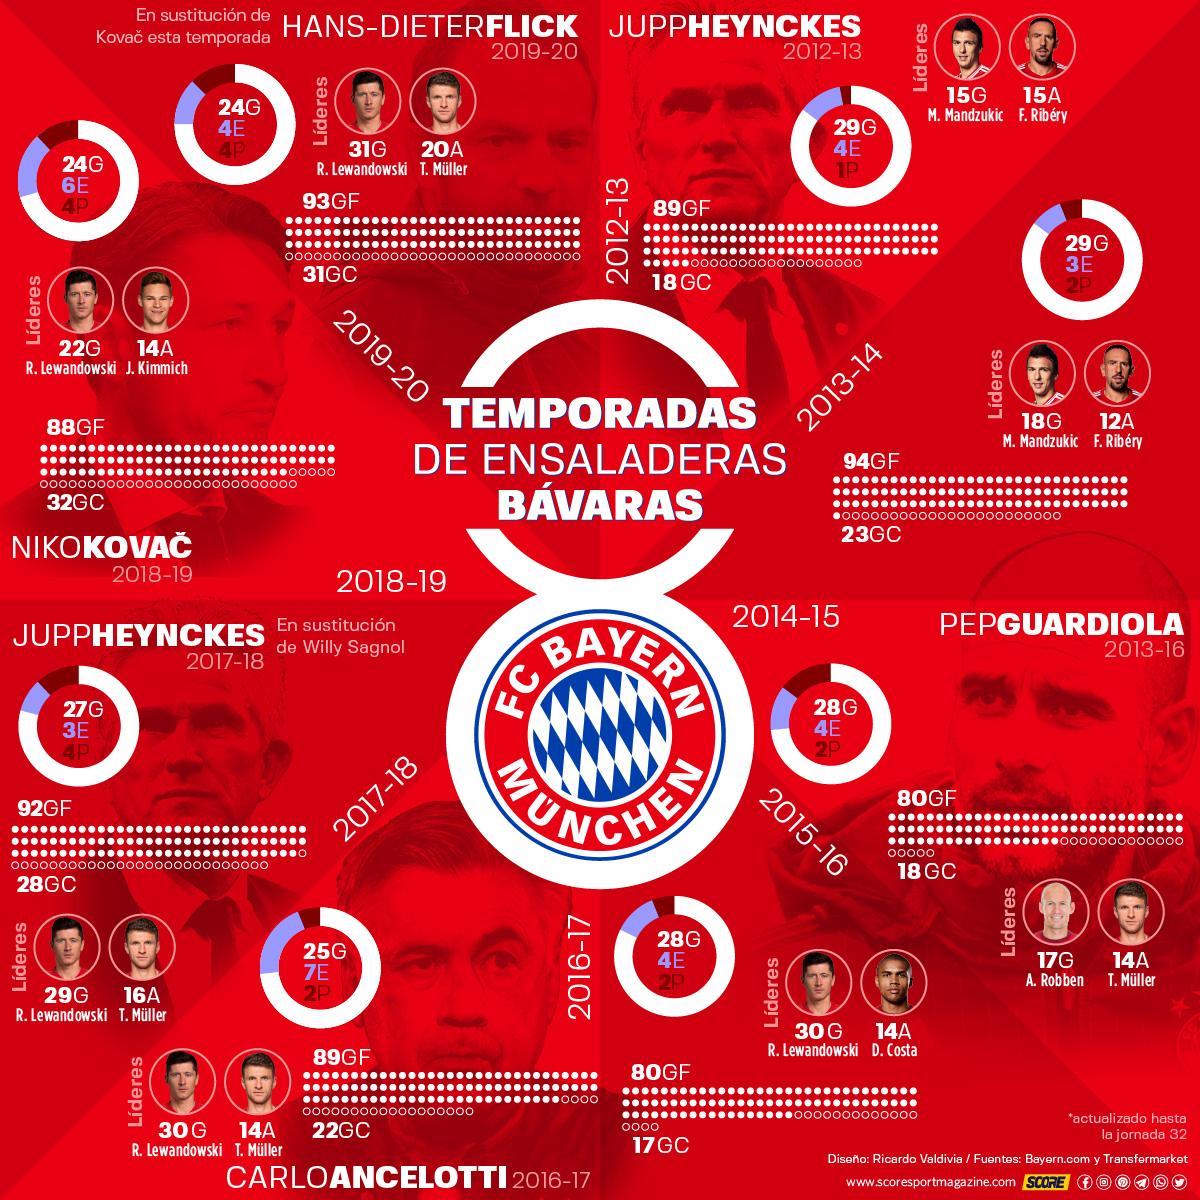 8 temporadas seguidas del Bayern Múnich como campeón de la Bundesliga